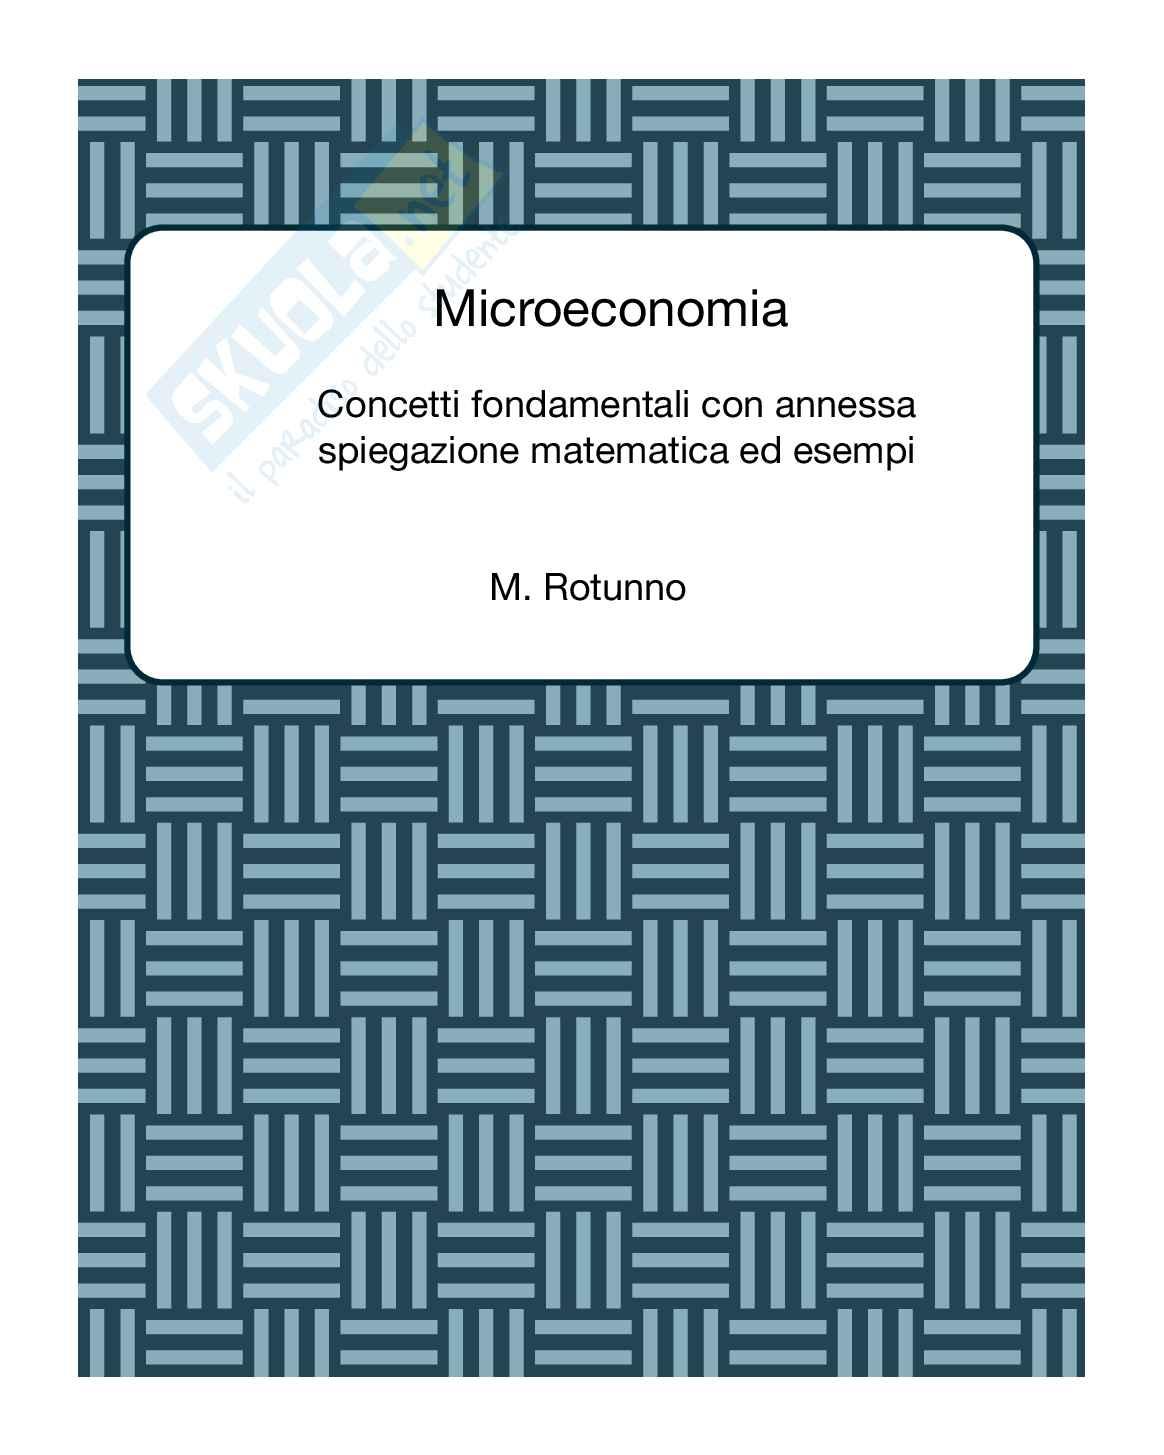 Microeconomia: appunti e rielaborazione sui concetti fondamentali con annessa spiegazione matematica ed esercizi